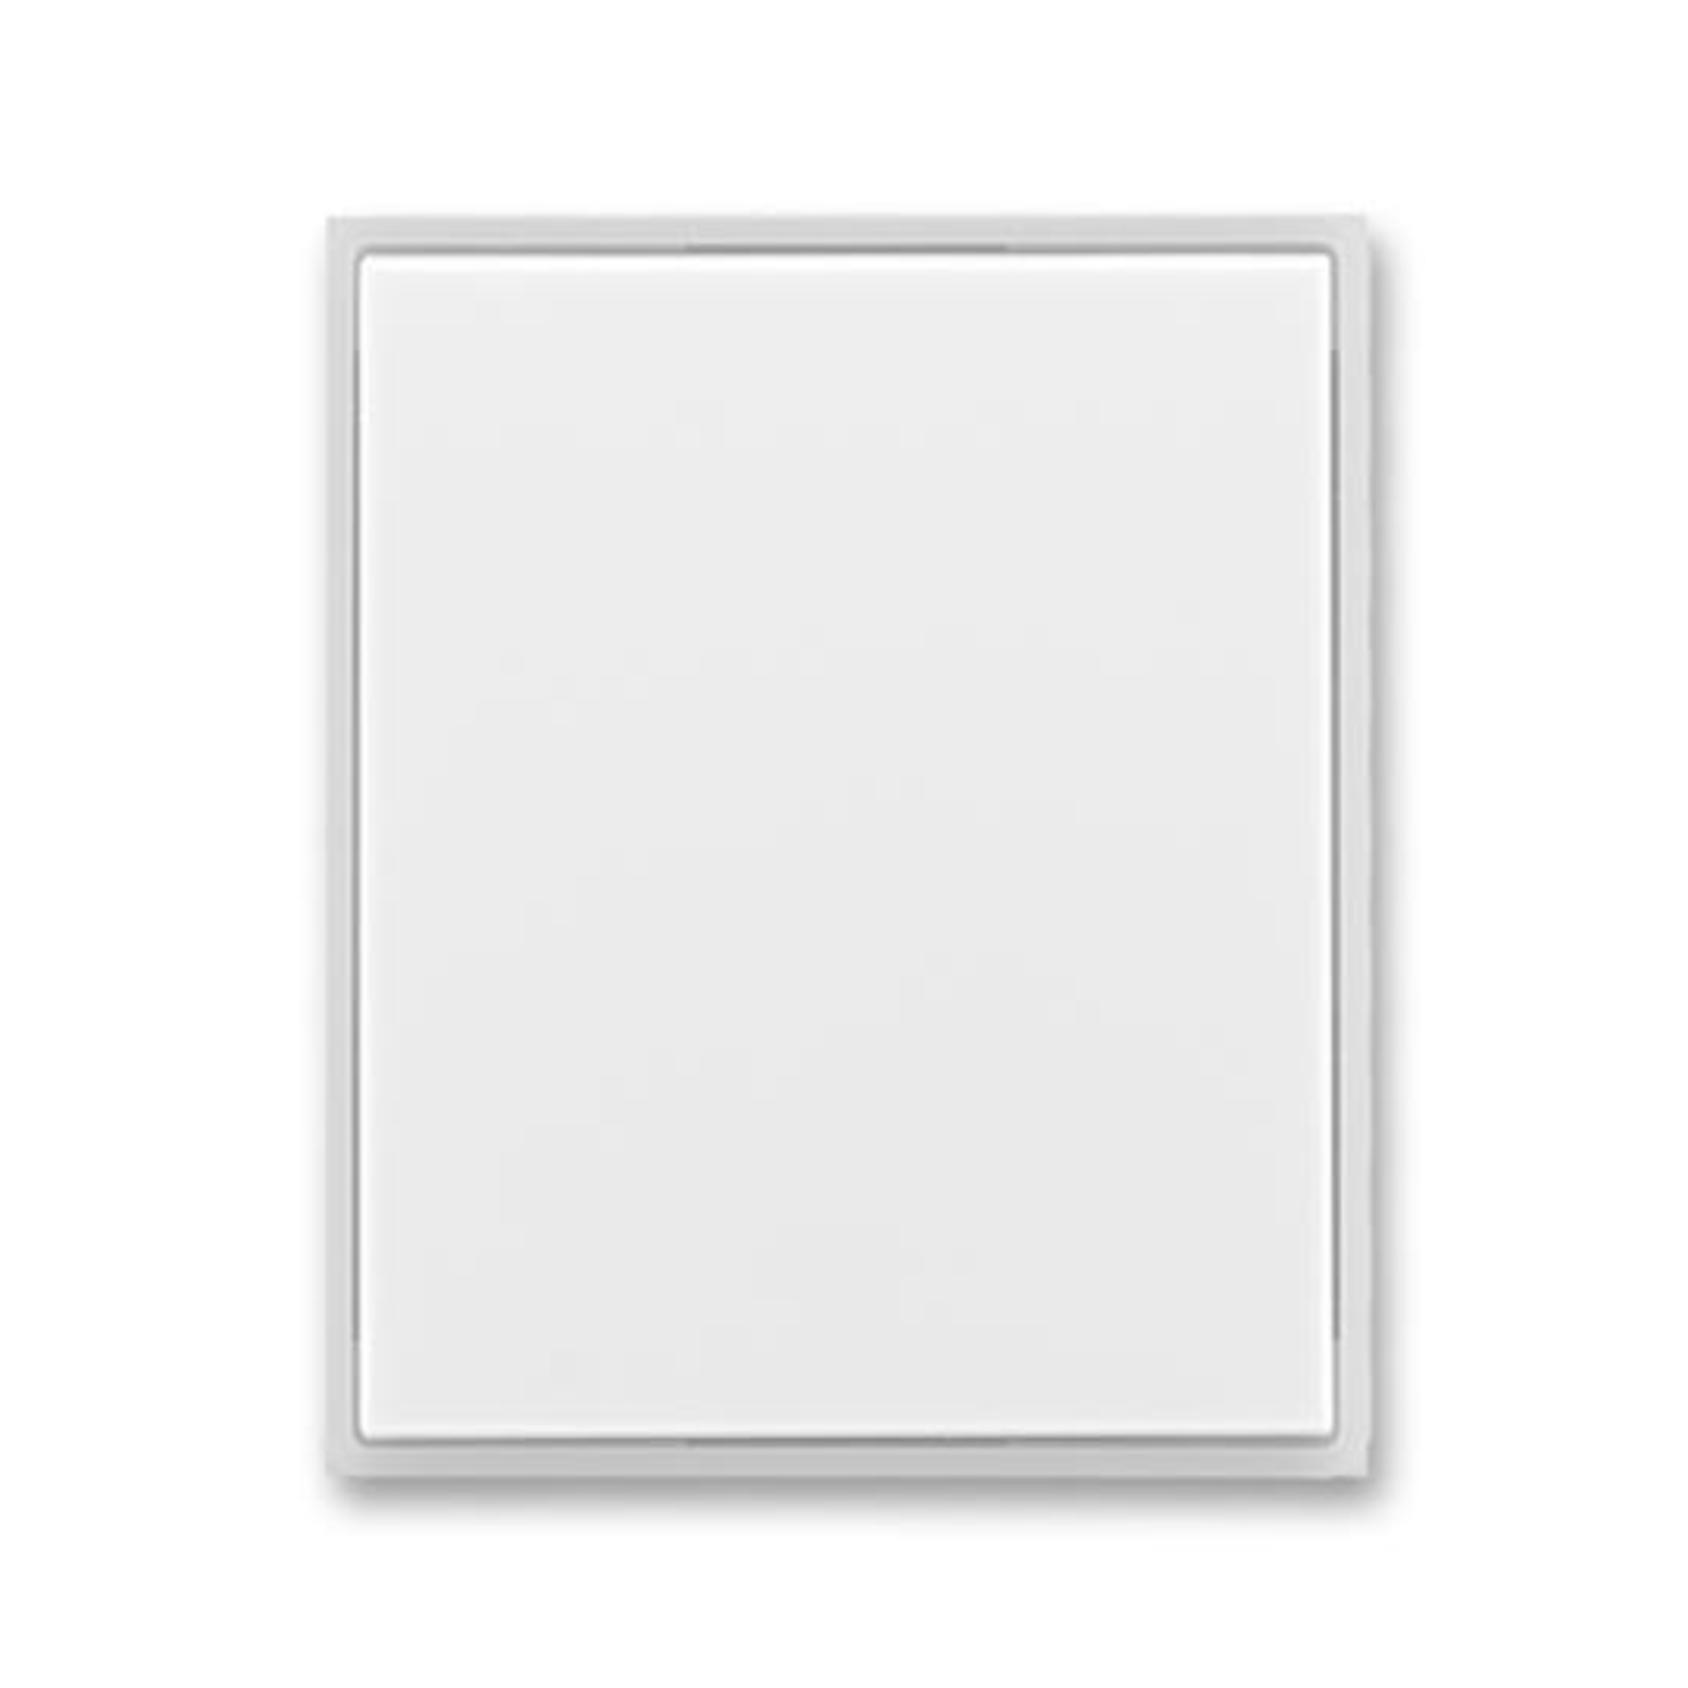 ABB 3299E-A00100 01 Element Kryt stmívače s krátkocestným ovládáním